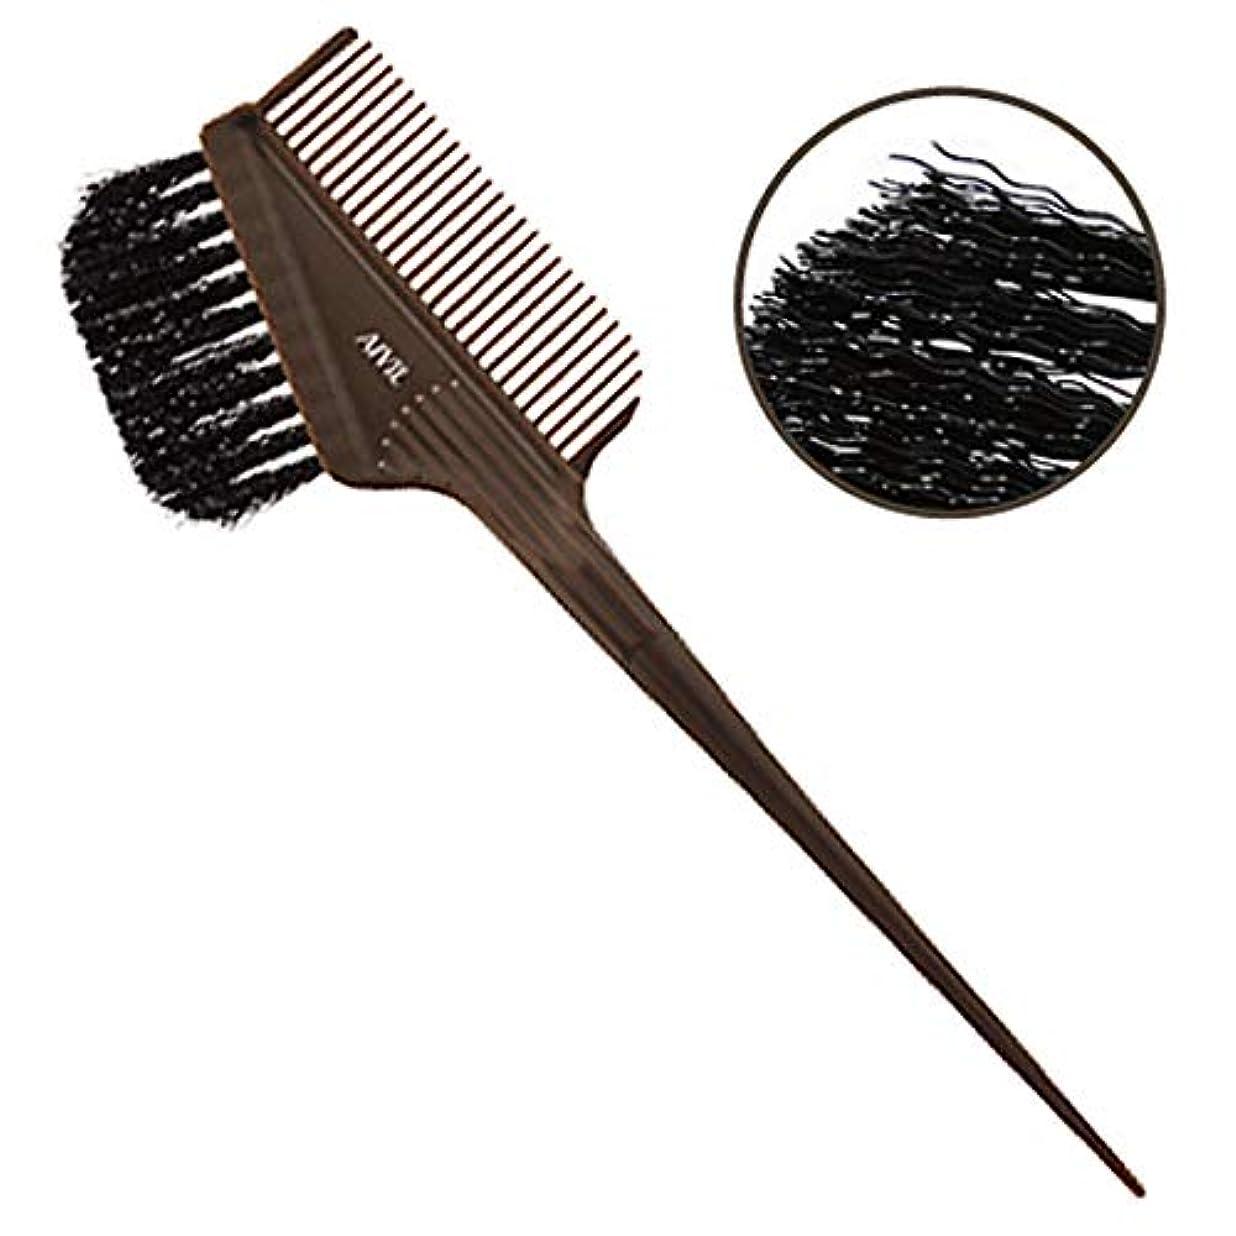 インタビュー抽出型アイビル ヘアダイブラシ バトン ブラウン ウェーブ毛 刷毛/カラー剤/毛染めブラシ AIVIL